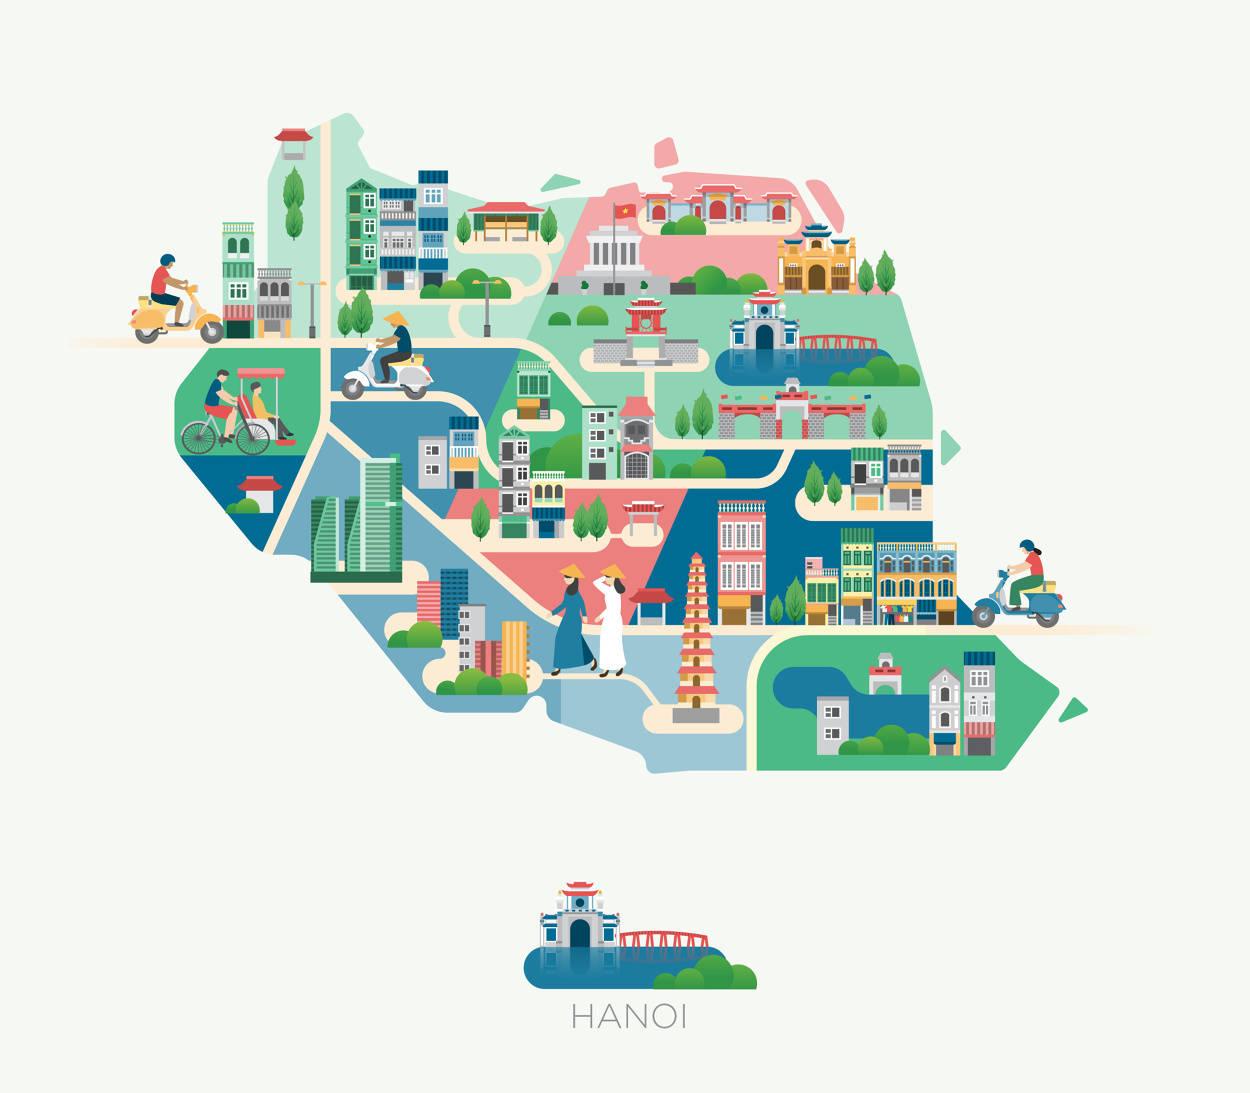 亚洲旅行地图插画,你都去过吗?来自插画师jing zhang的作品图片